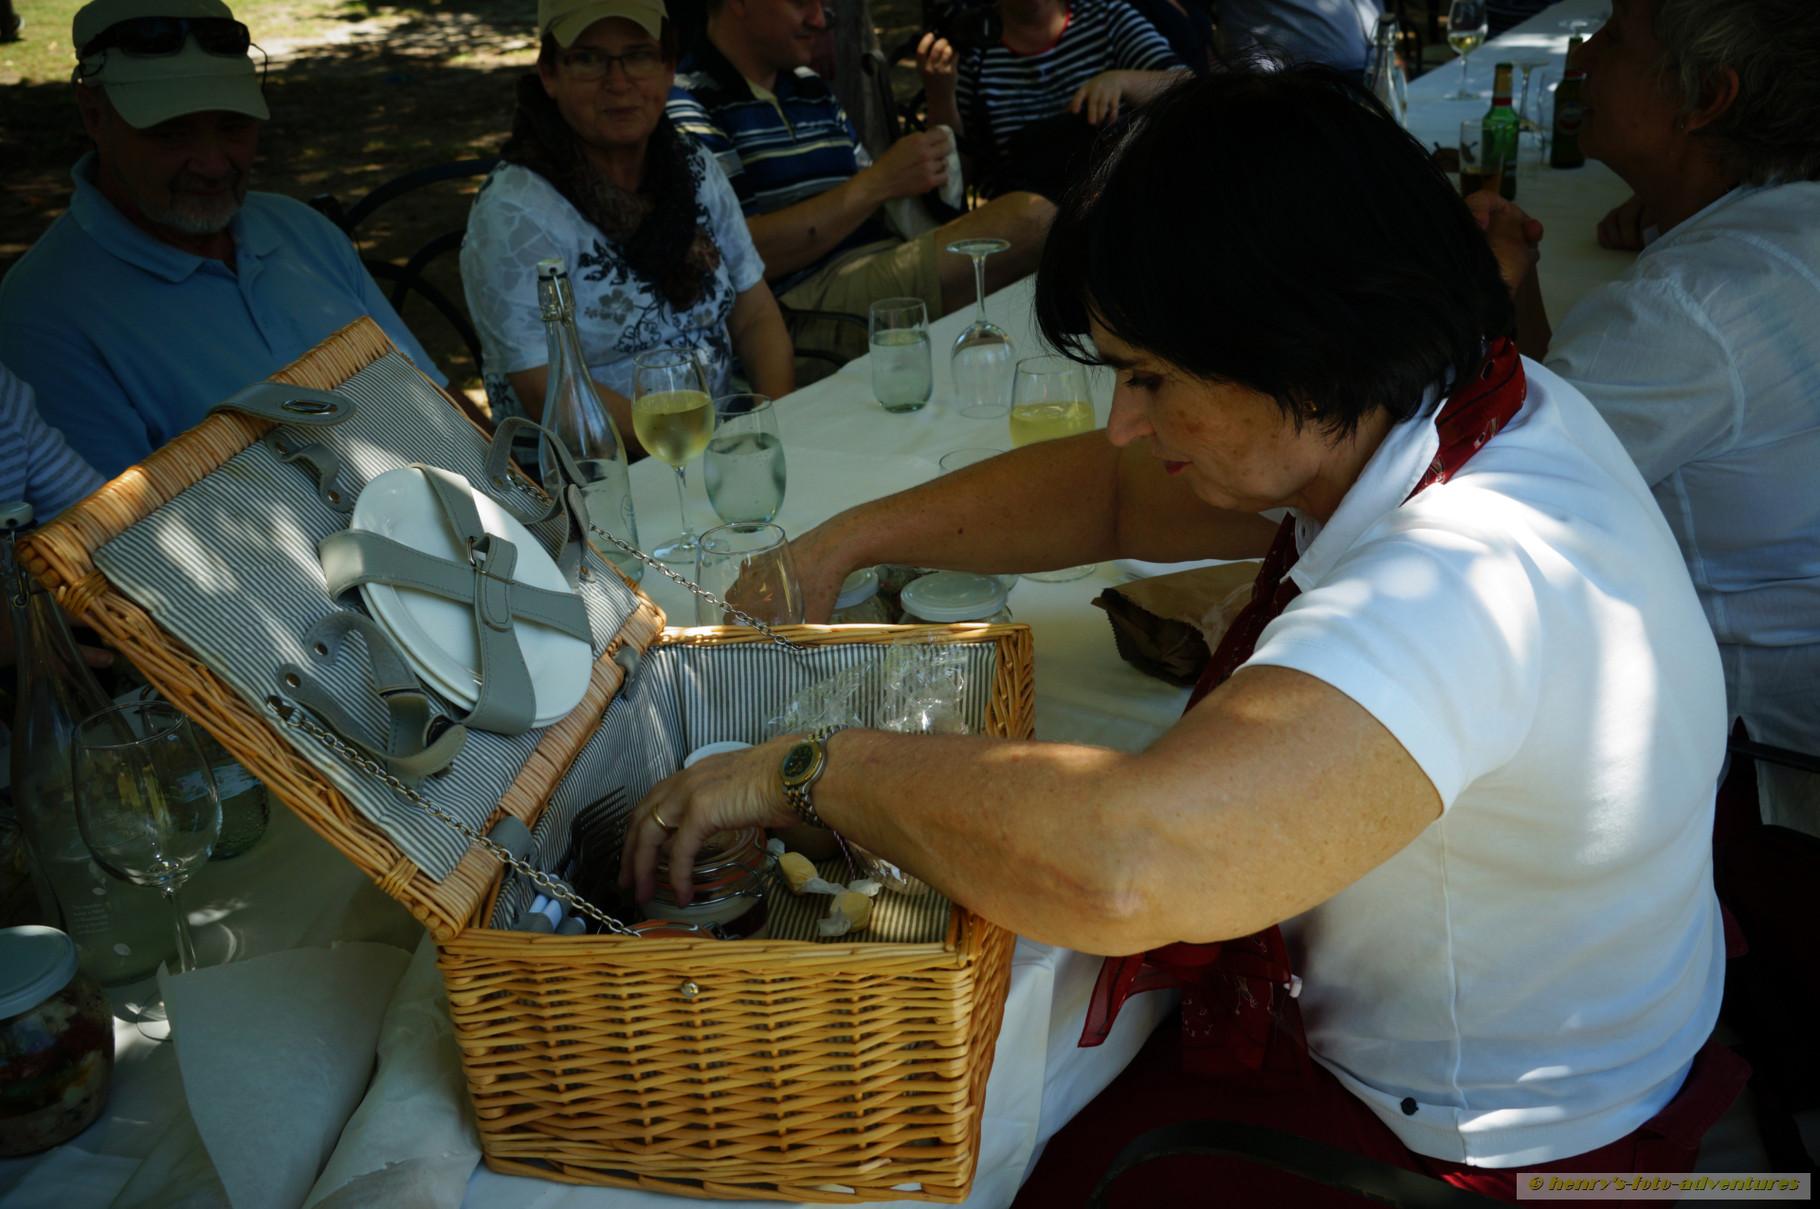 ein Picknickkorb mit leckeren Sachen